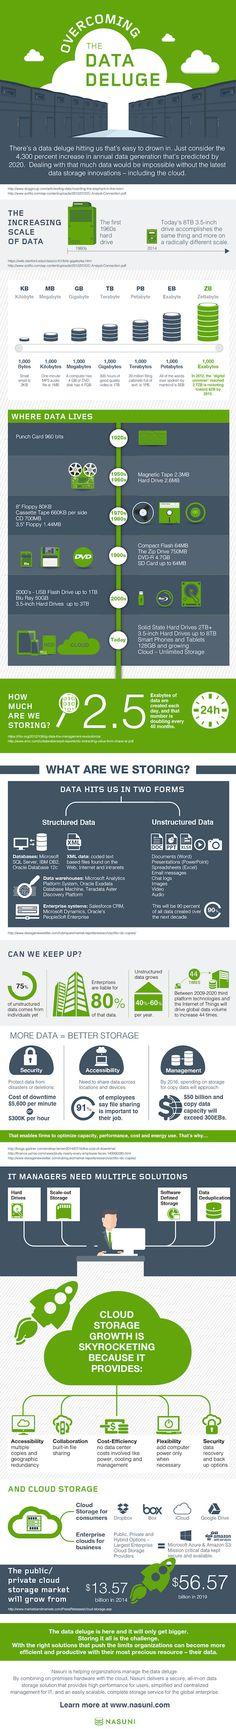 IT Social - Le Data Déluge en images (infographie)